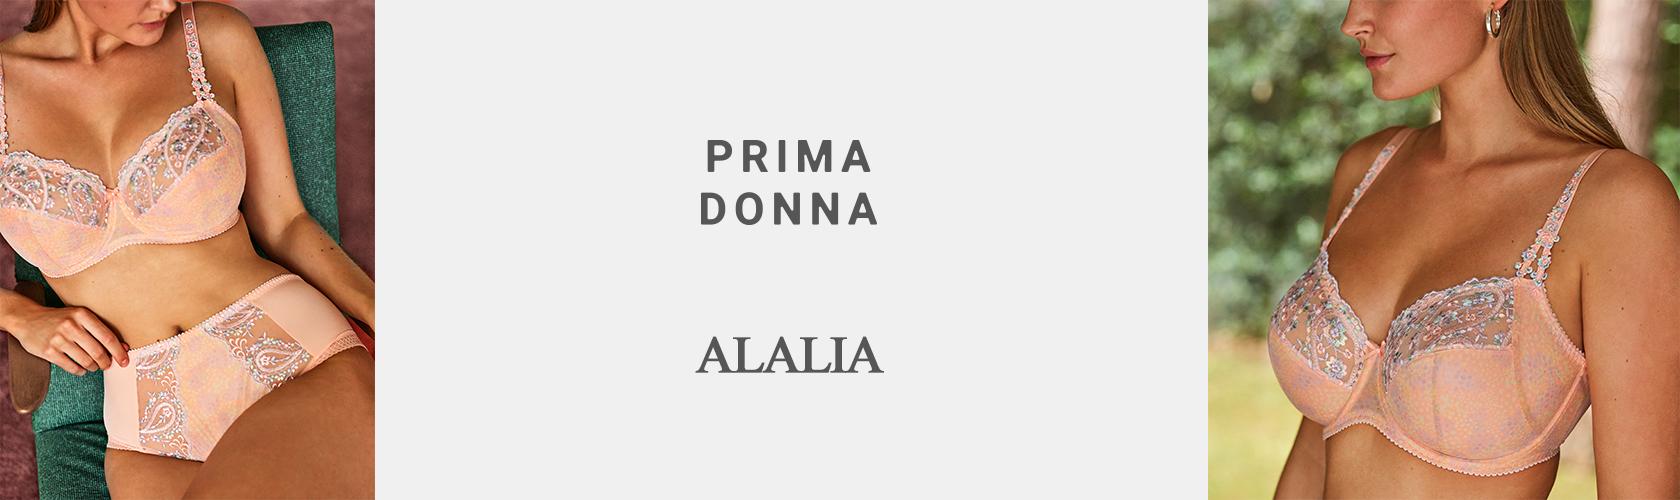 2020000938 Slideshow Alalia SLK 10.03.2021